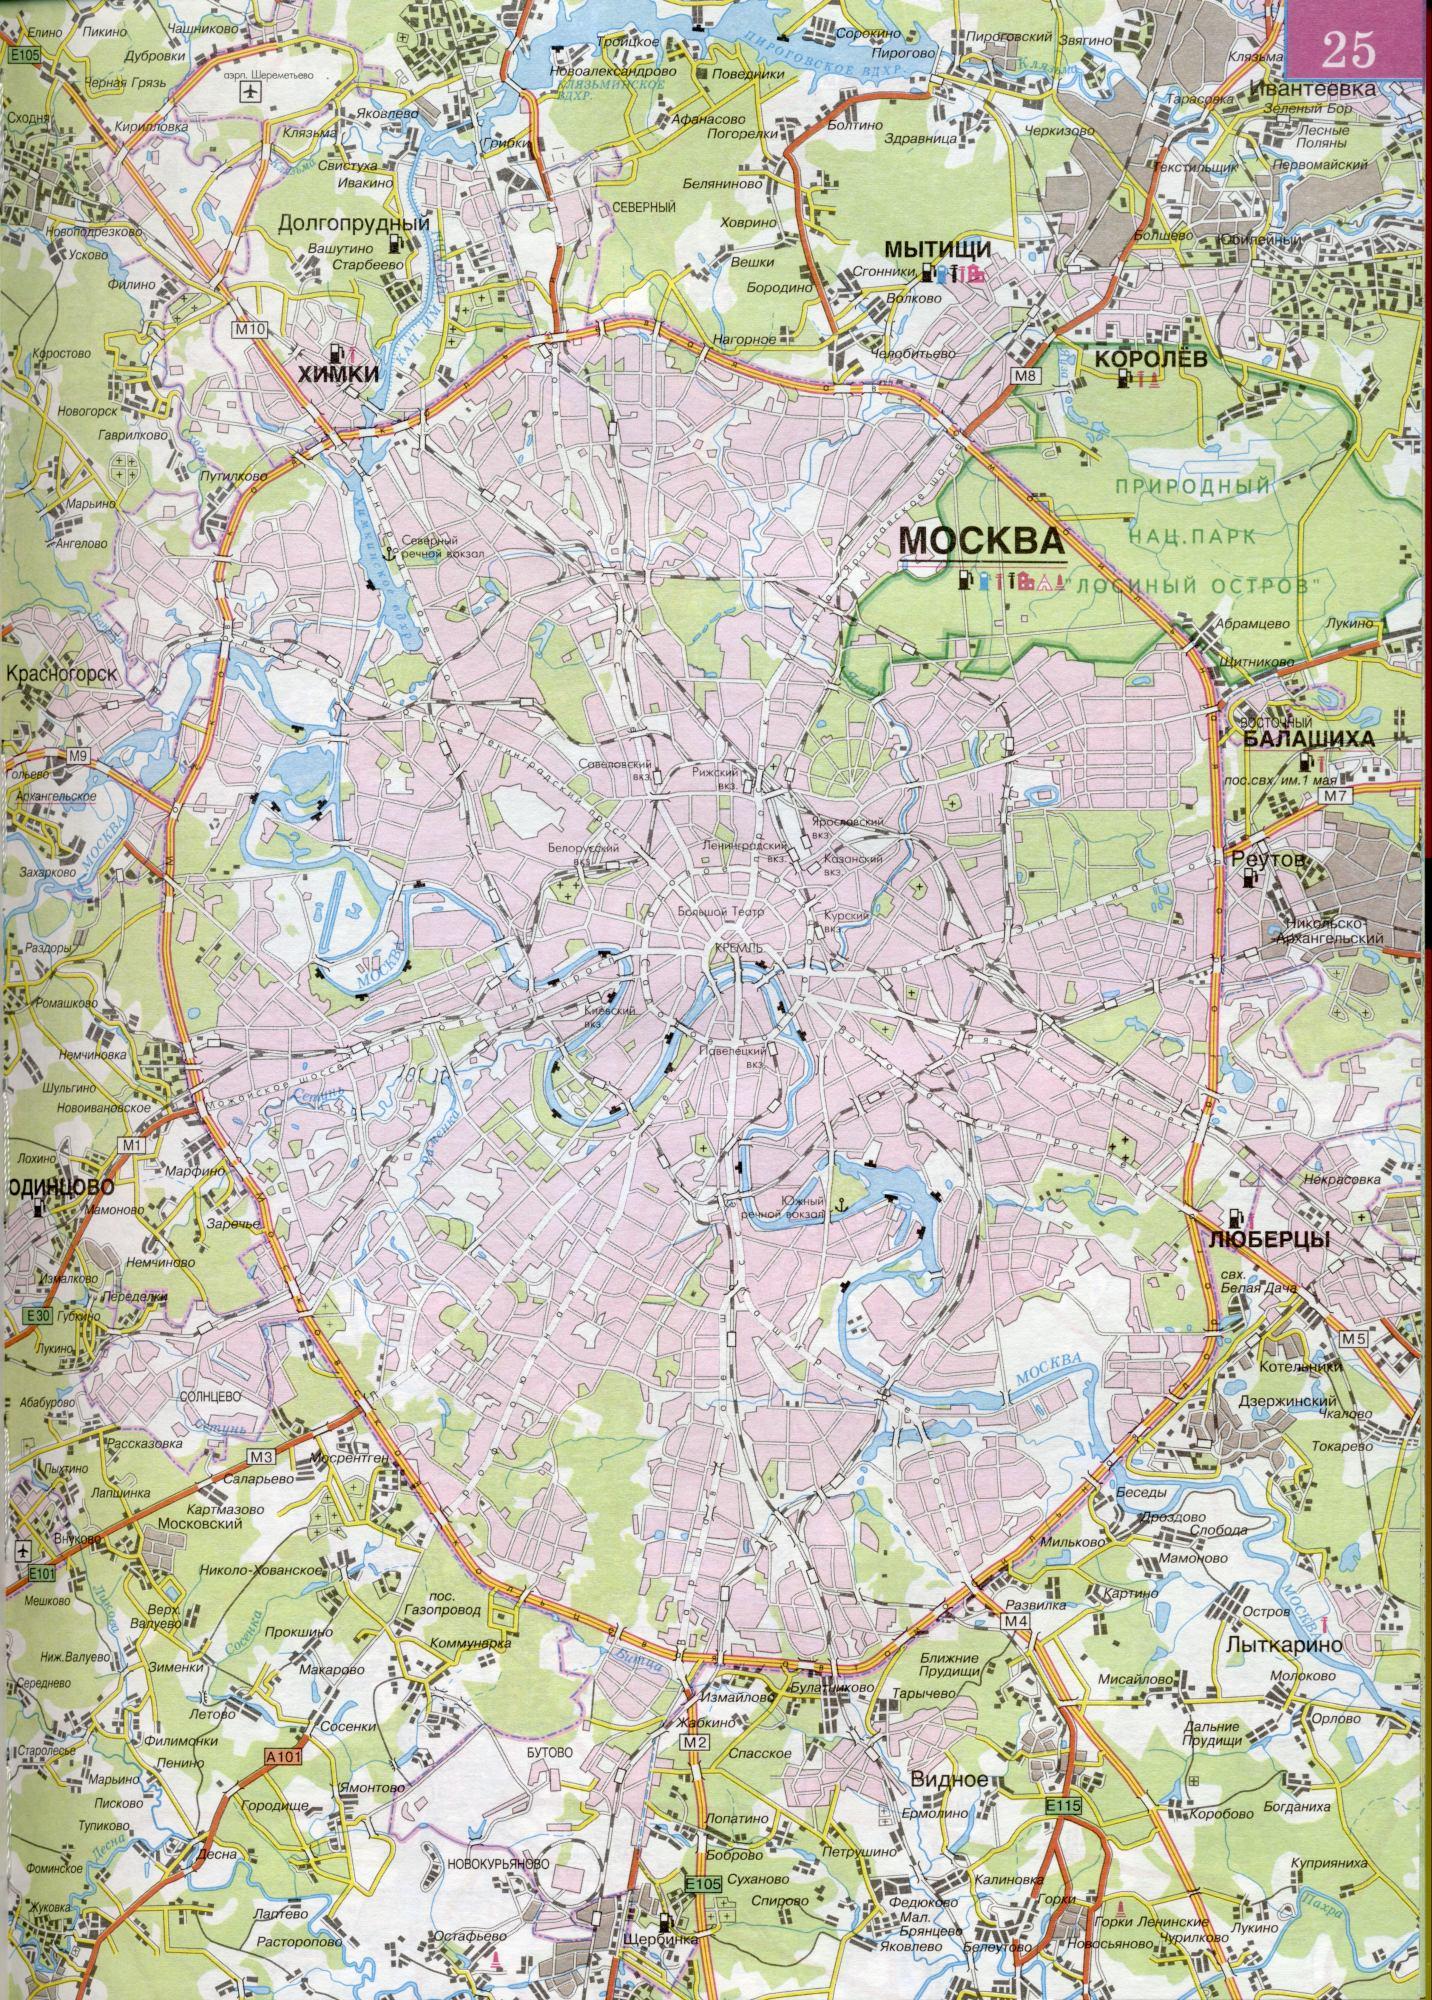 Проститутки на карте подмосковья 9 фотография